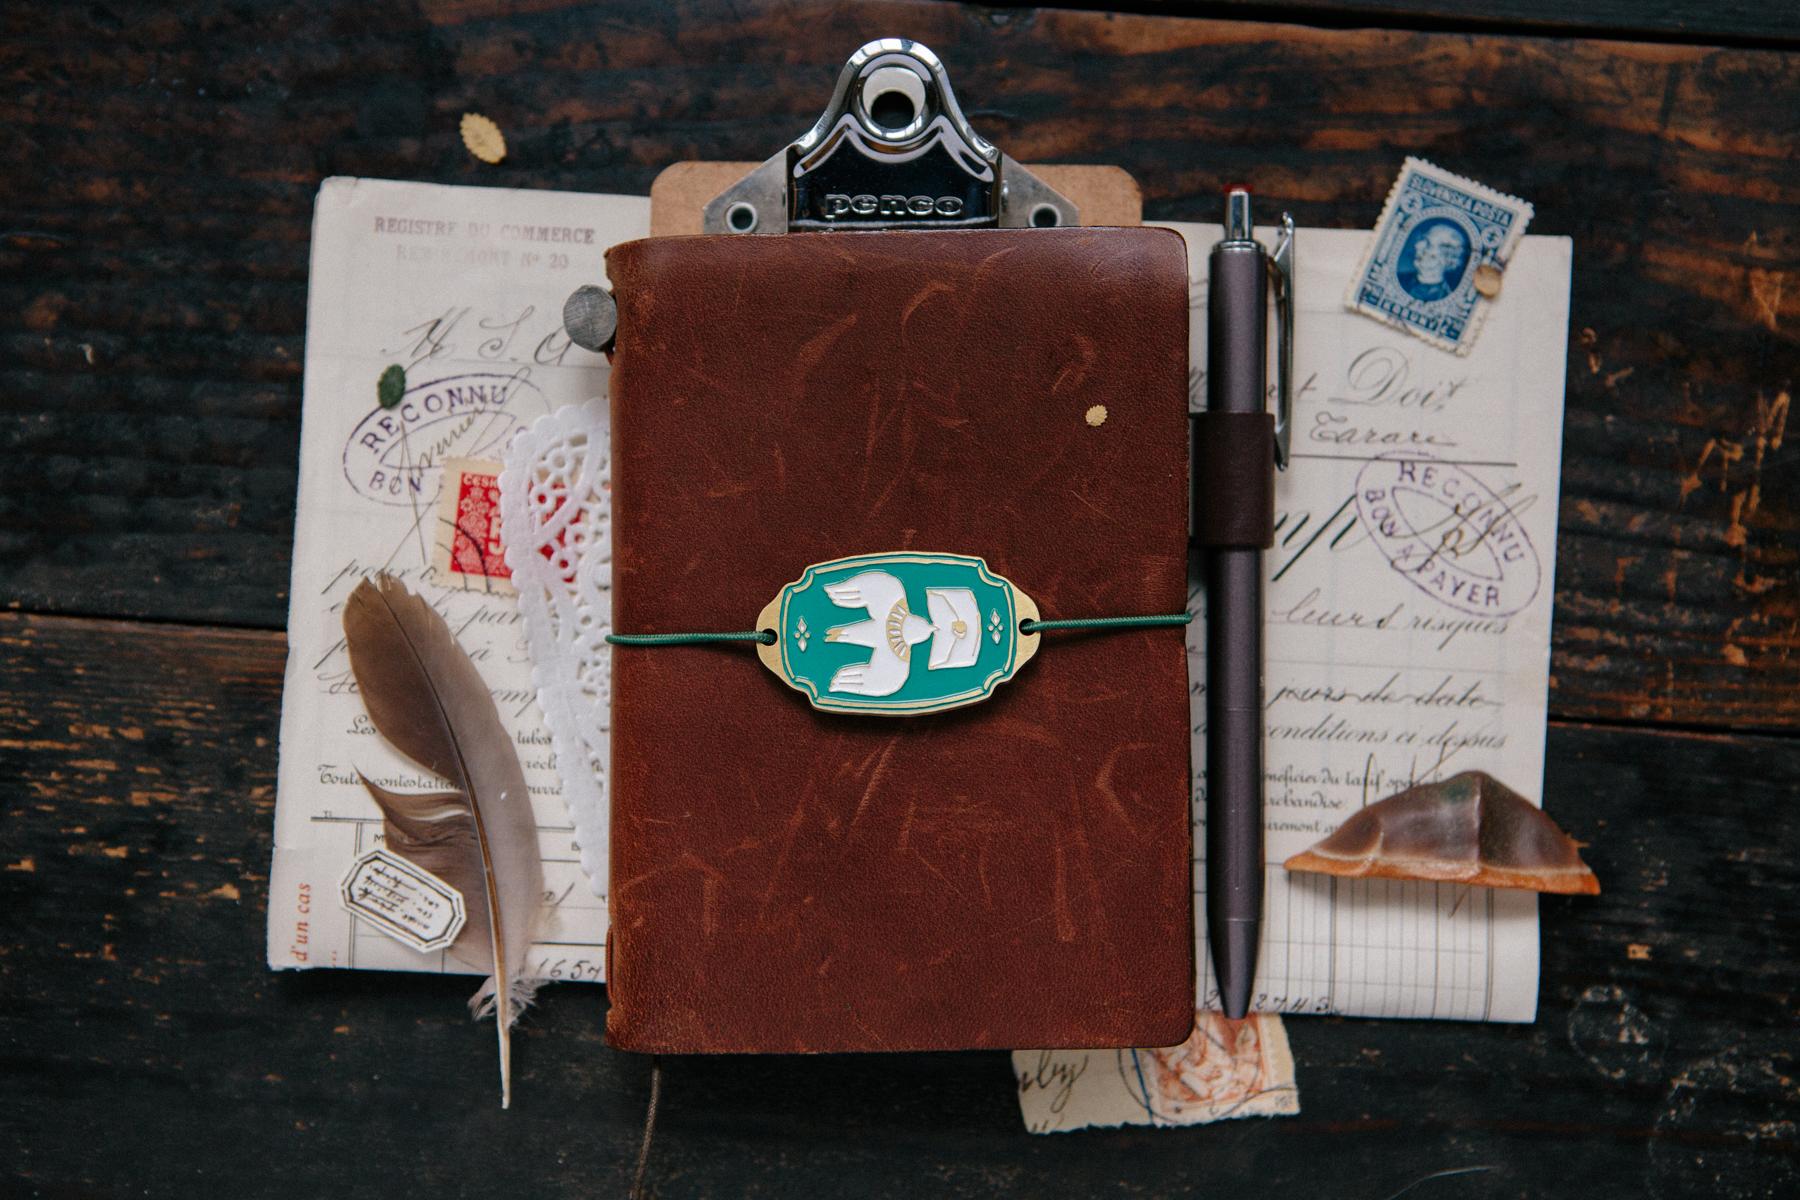 OURS 抽屜之中 綠色 信使鳥 金屬 書綁 飾物